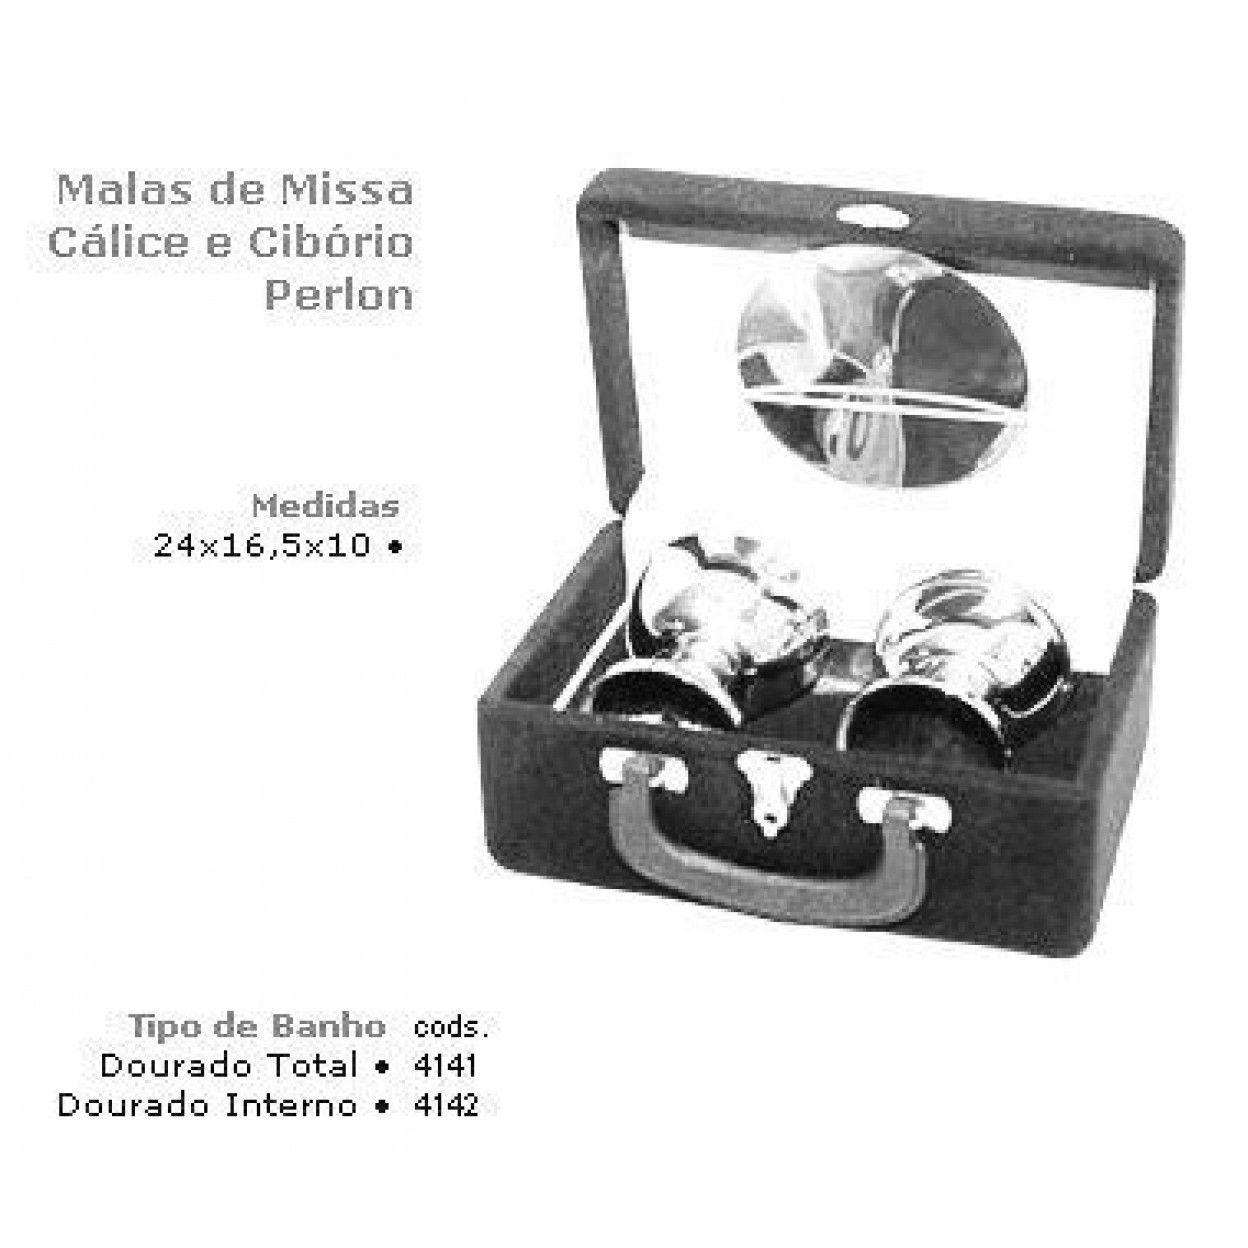 MALA DE MISSA CÁLICE E CIBÓRIO 4142